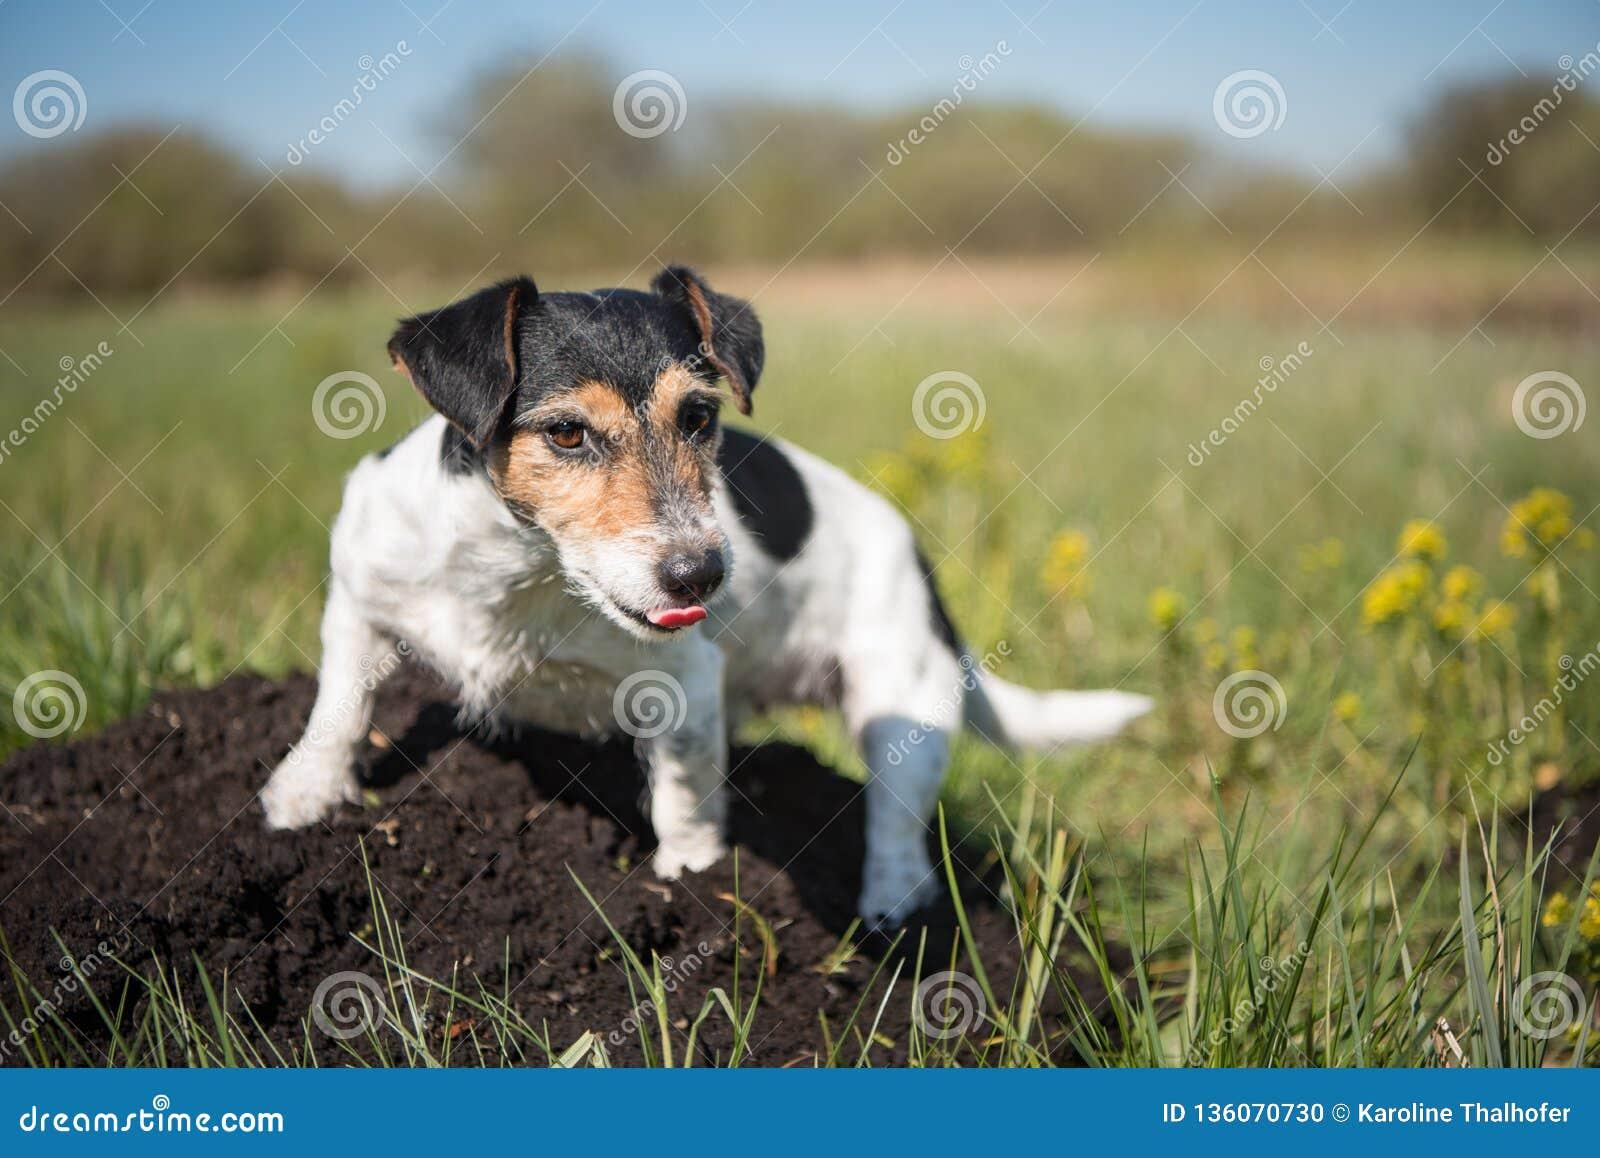 O cão está sentando-se em um montinho de terra - Jack Russell Terrier 7 anos de ol